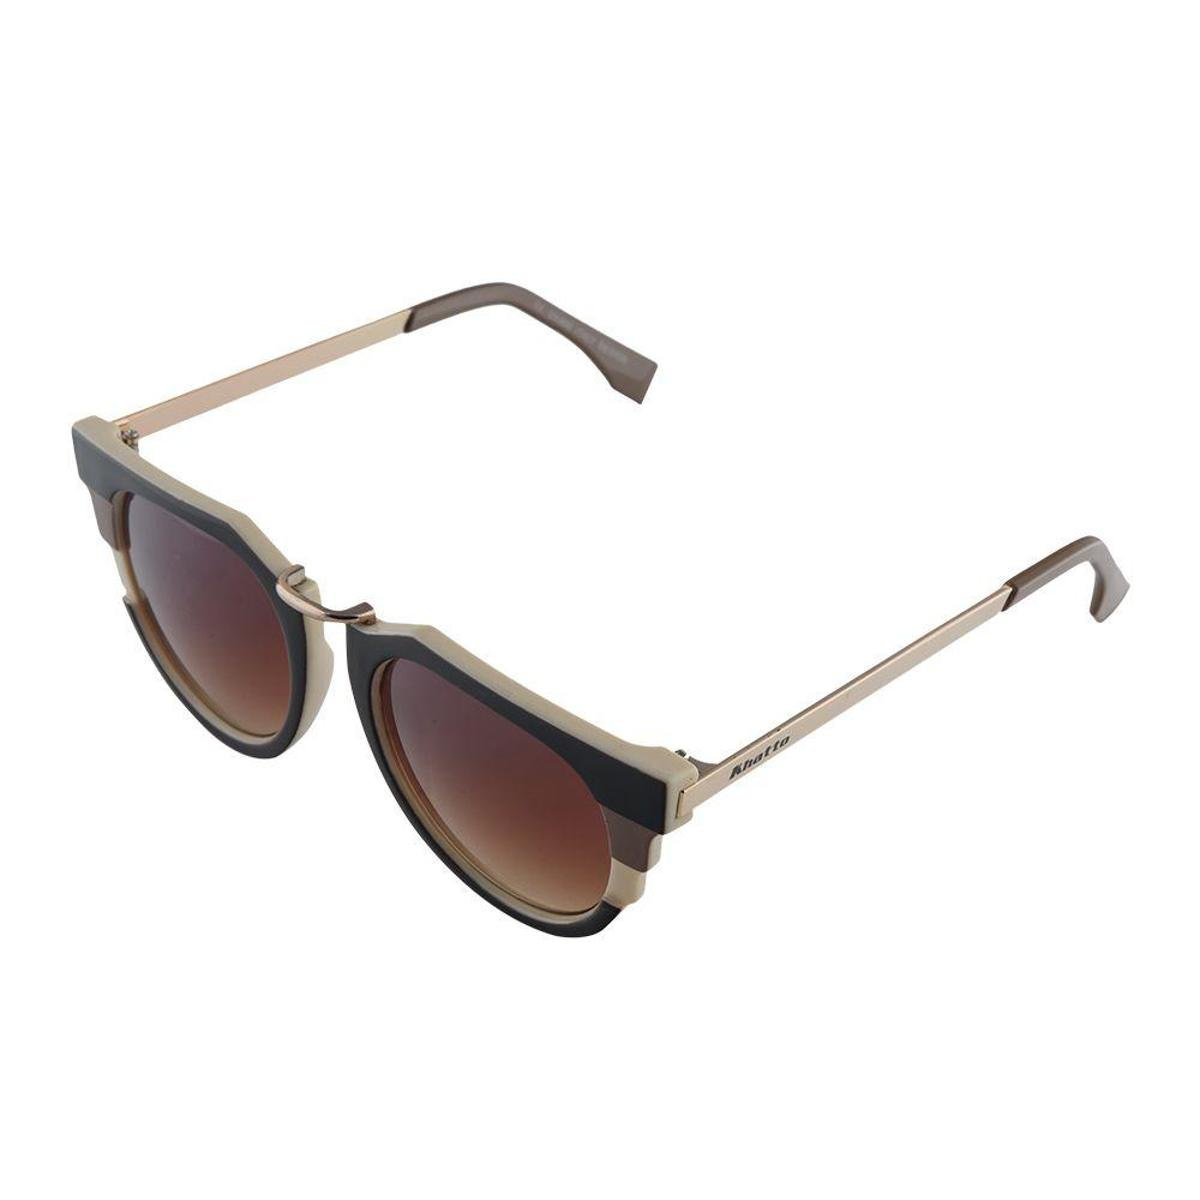 797f99ad0919f Óculos de Sol Khatto Cat Model Feminina - Marrom - Compre Agora ...